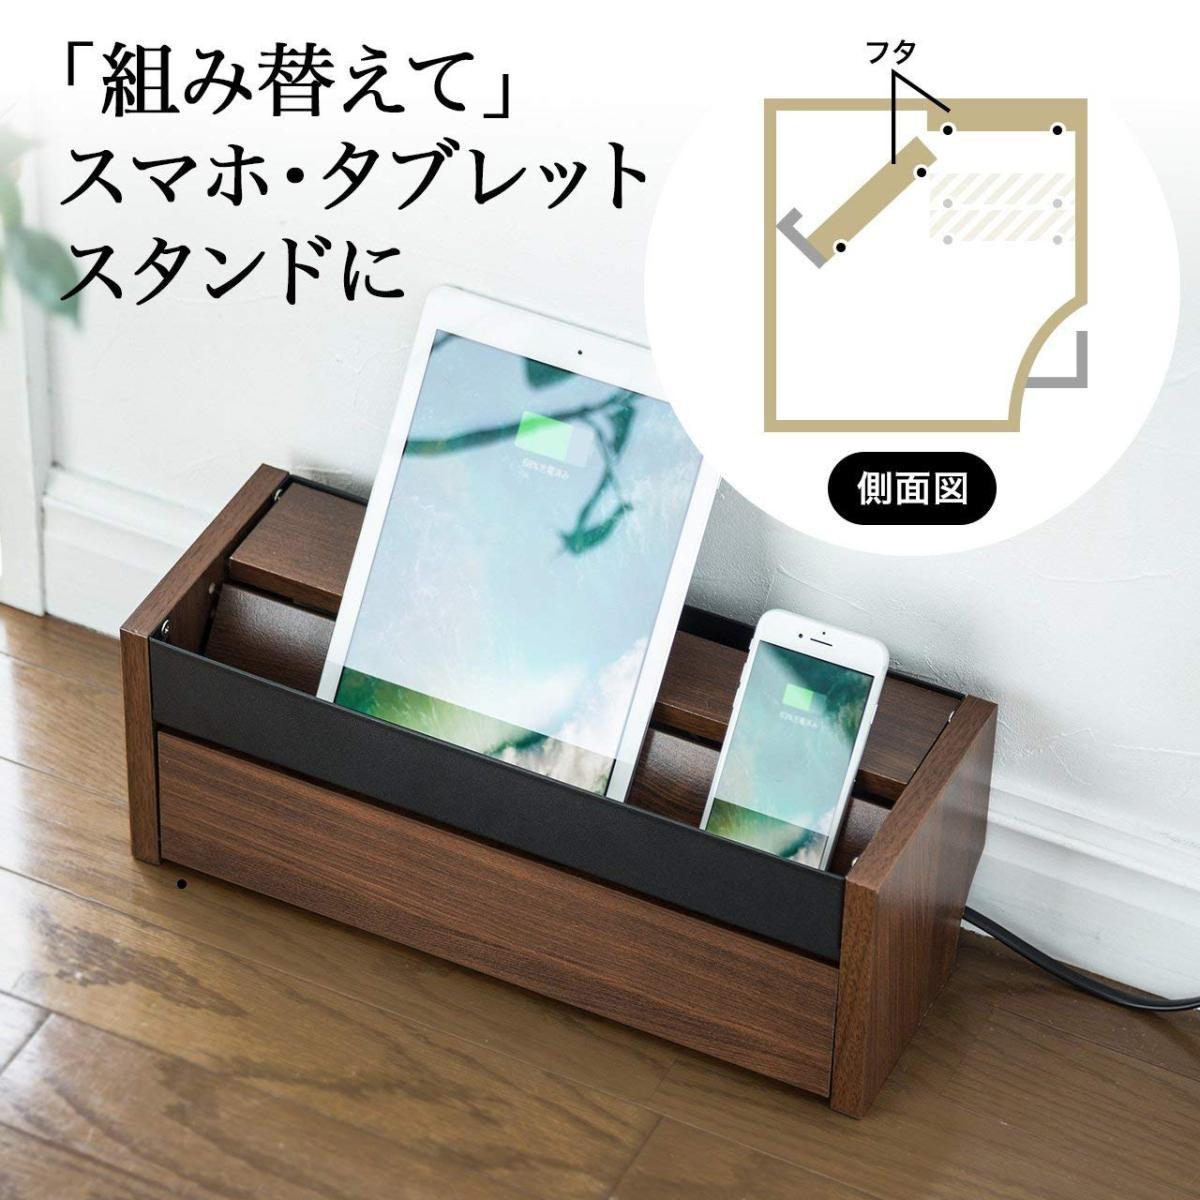 ケーブルボックス 200-CB006DM (ダークブラウン)の商品画像|2